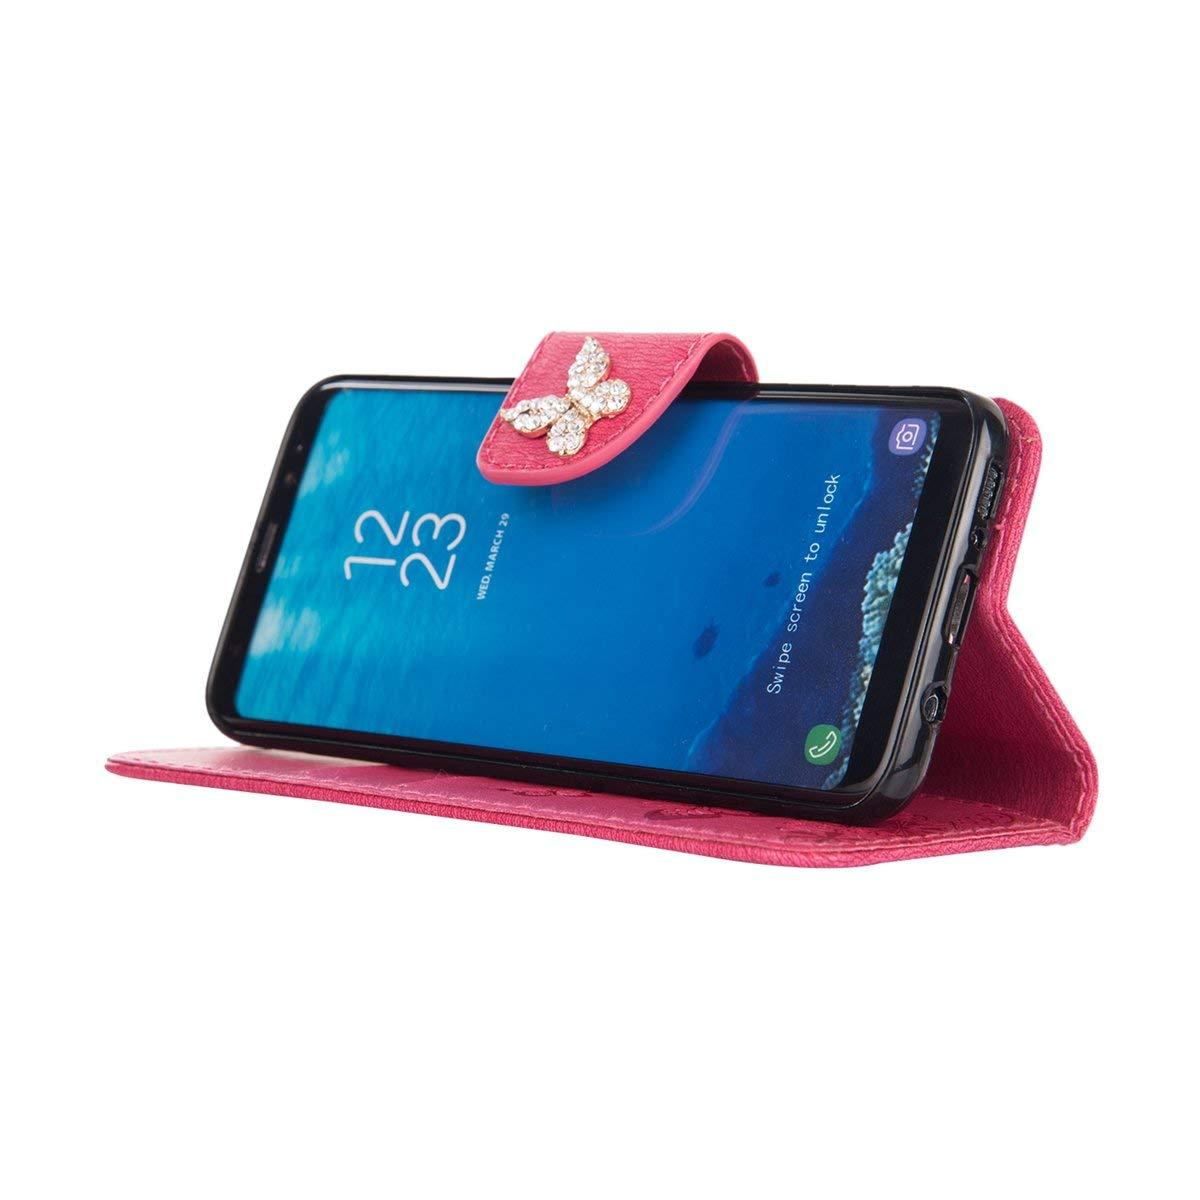 Felfy Compatible avec Galaxy S7 Coque Portefeuille Luxe Glitter Strass Diamant 3D Papillon Housse /à Rabat PU Cuir /étui de Protection Magn/étique Flip Case Bumper avec Fentes pour Cartes,Pink